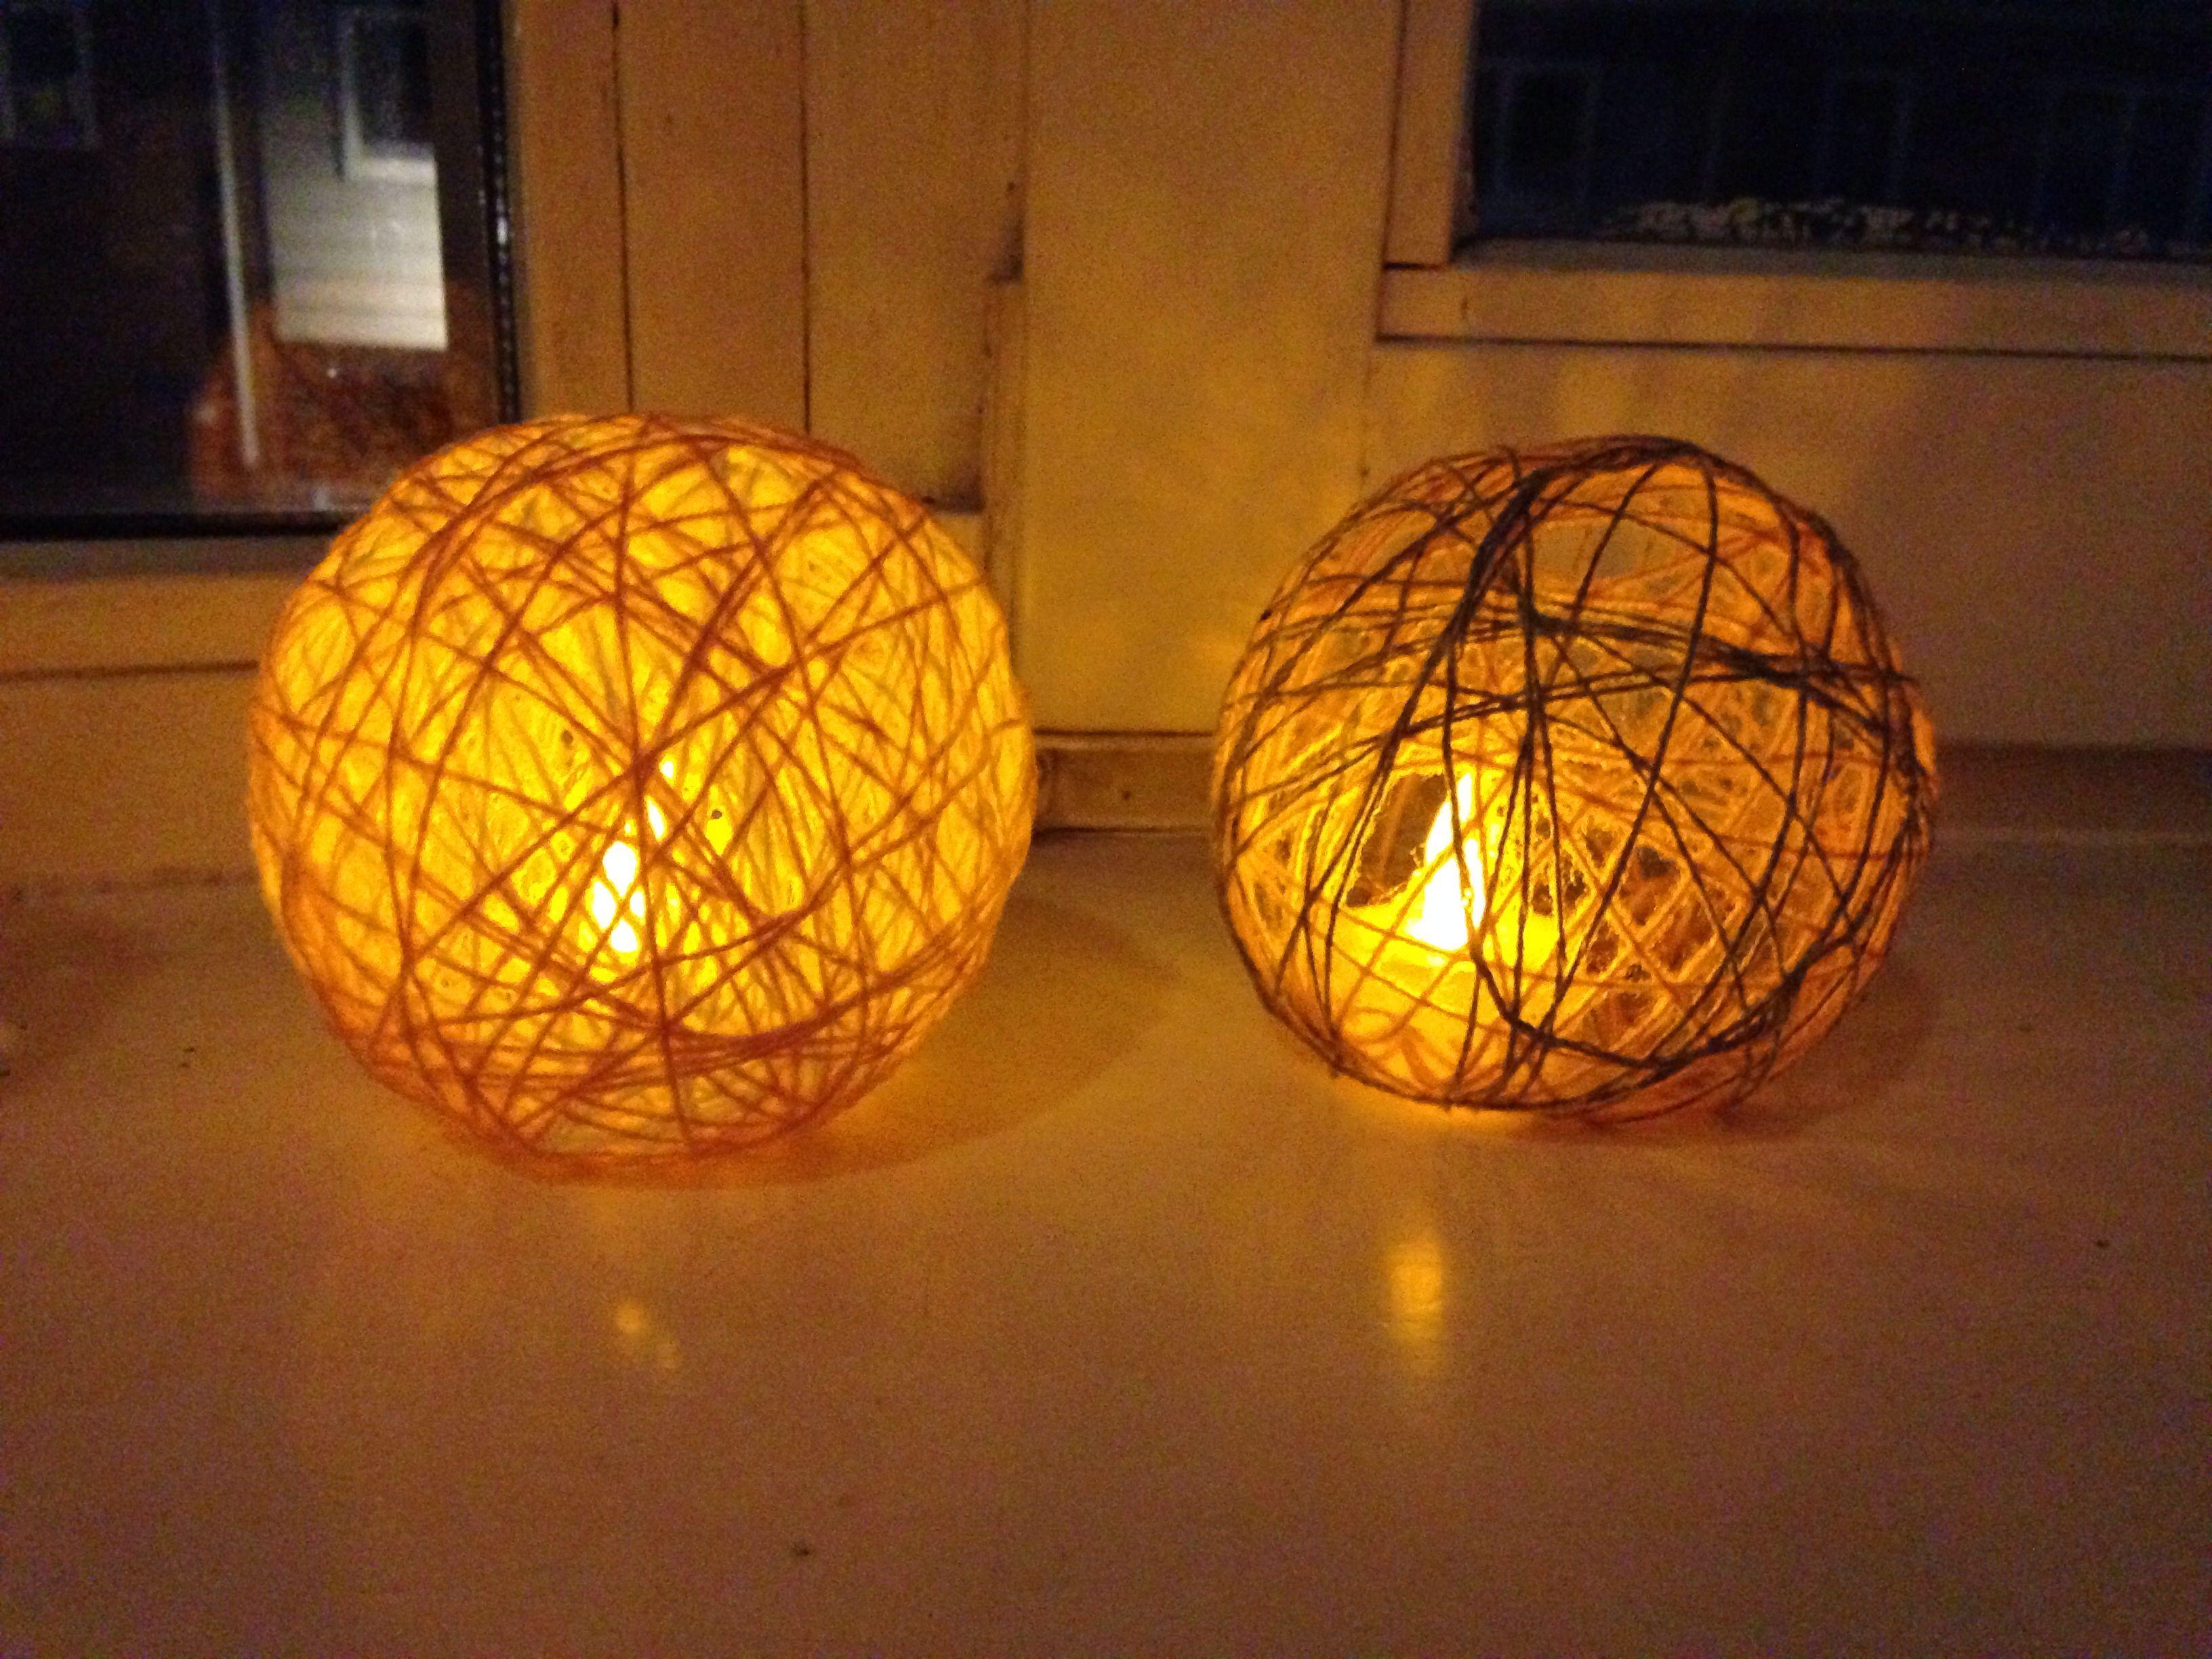 Homemade lamps Homemade lamps, Homemade lamp shades, Lamp